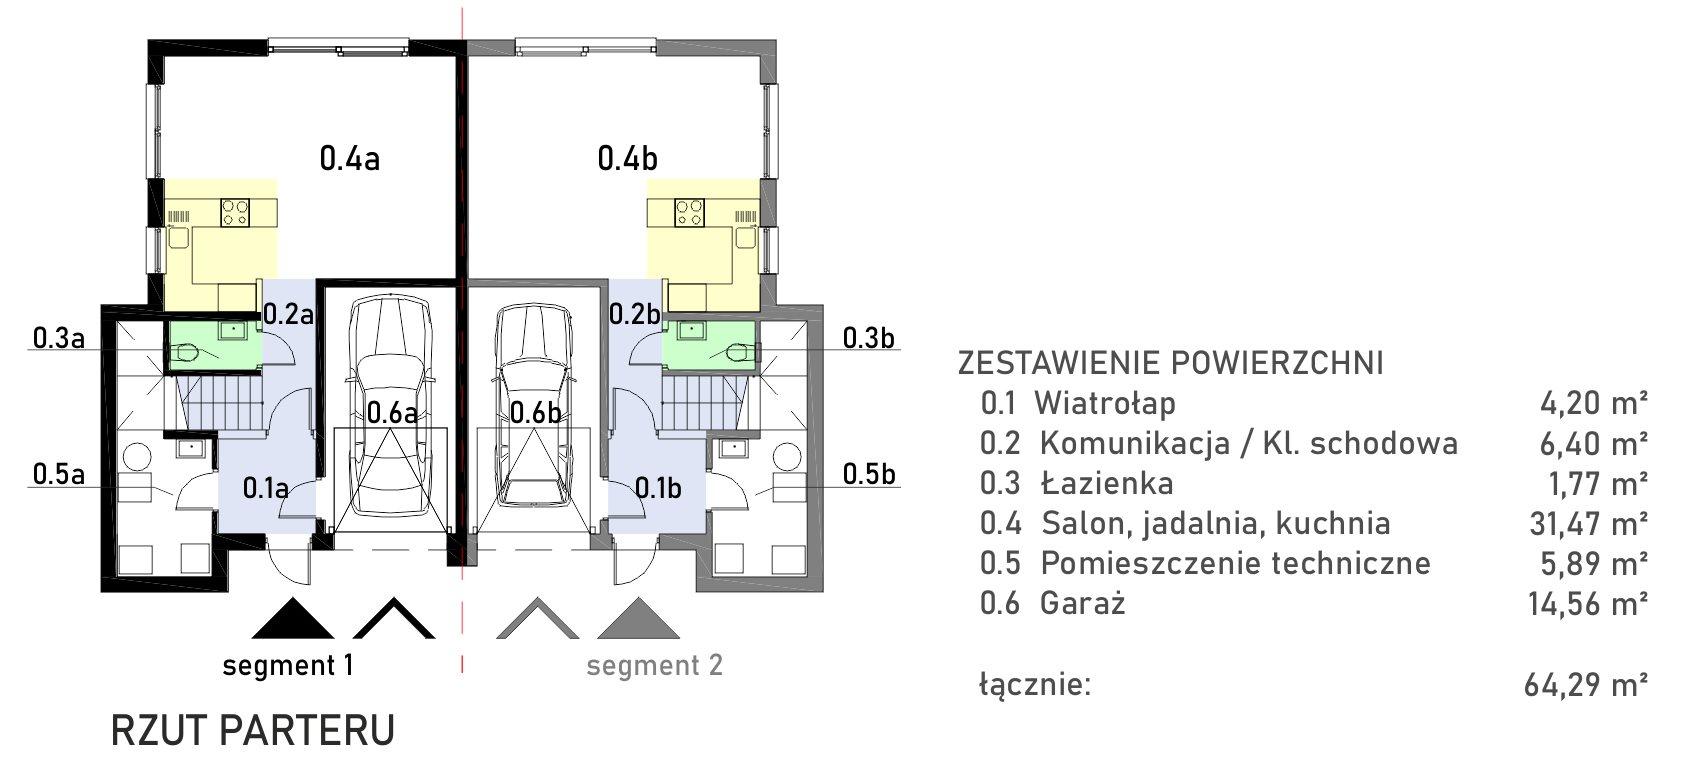 Dom na sprzedaż Mysłowice, Wesoła, 3 Maja  128m2 Foto 4